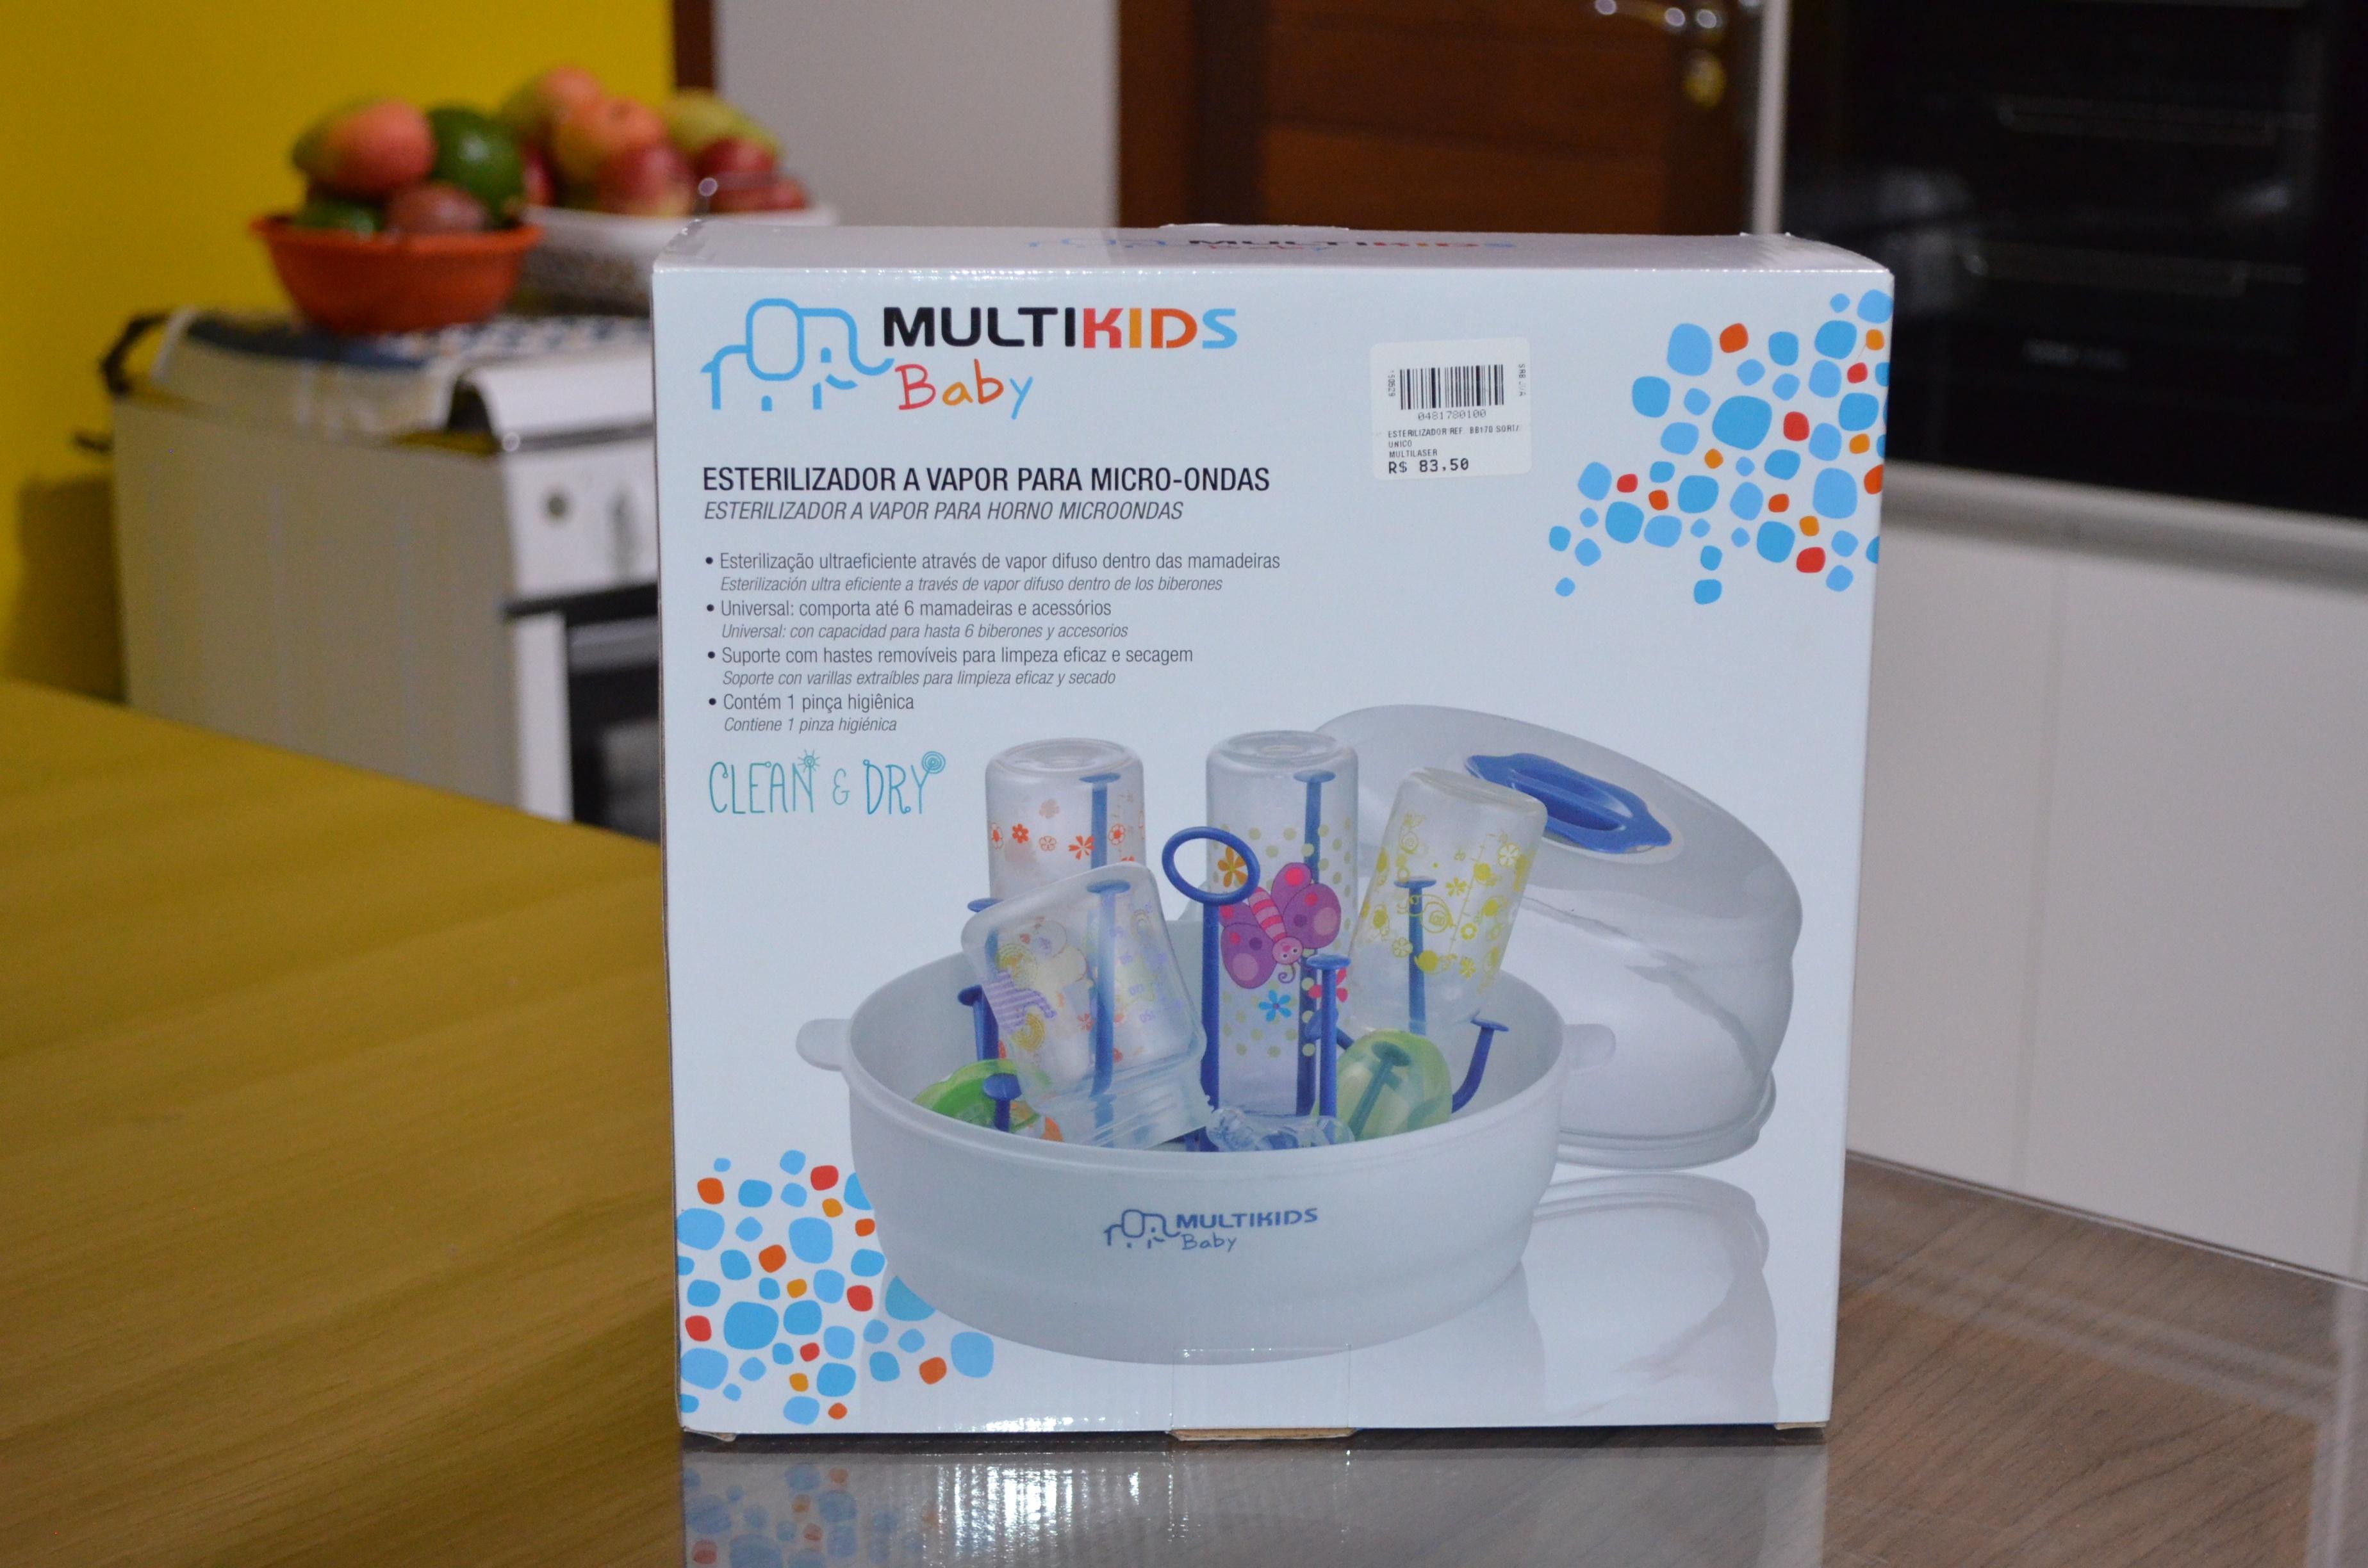 multikids-baby-multilaser-resenha-esterilizador-a-vapor-para-micro-ondas